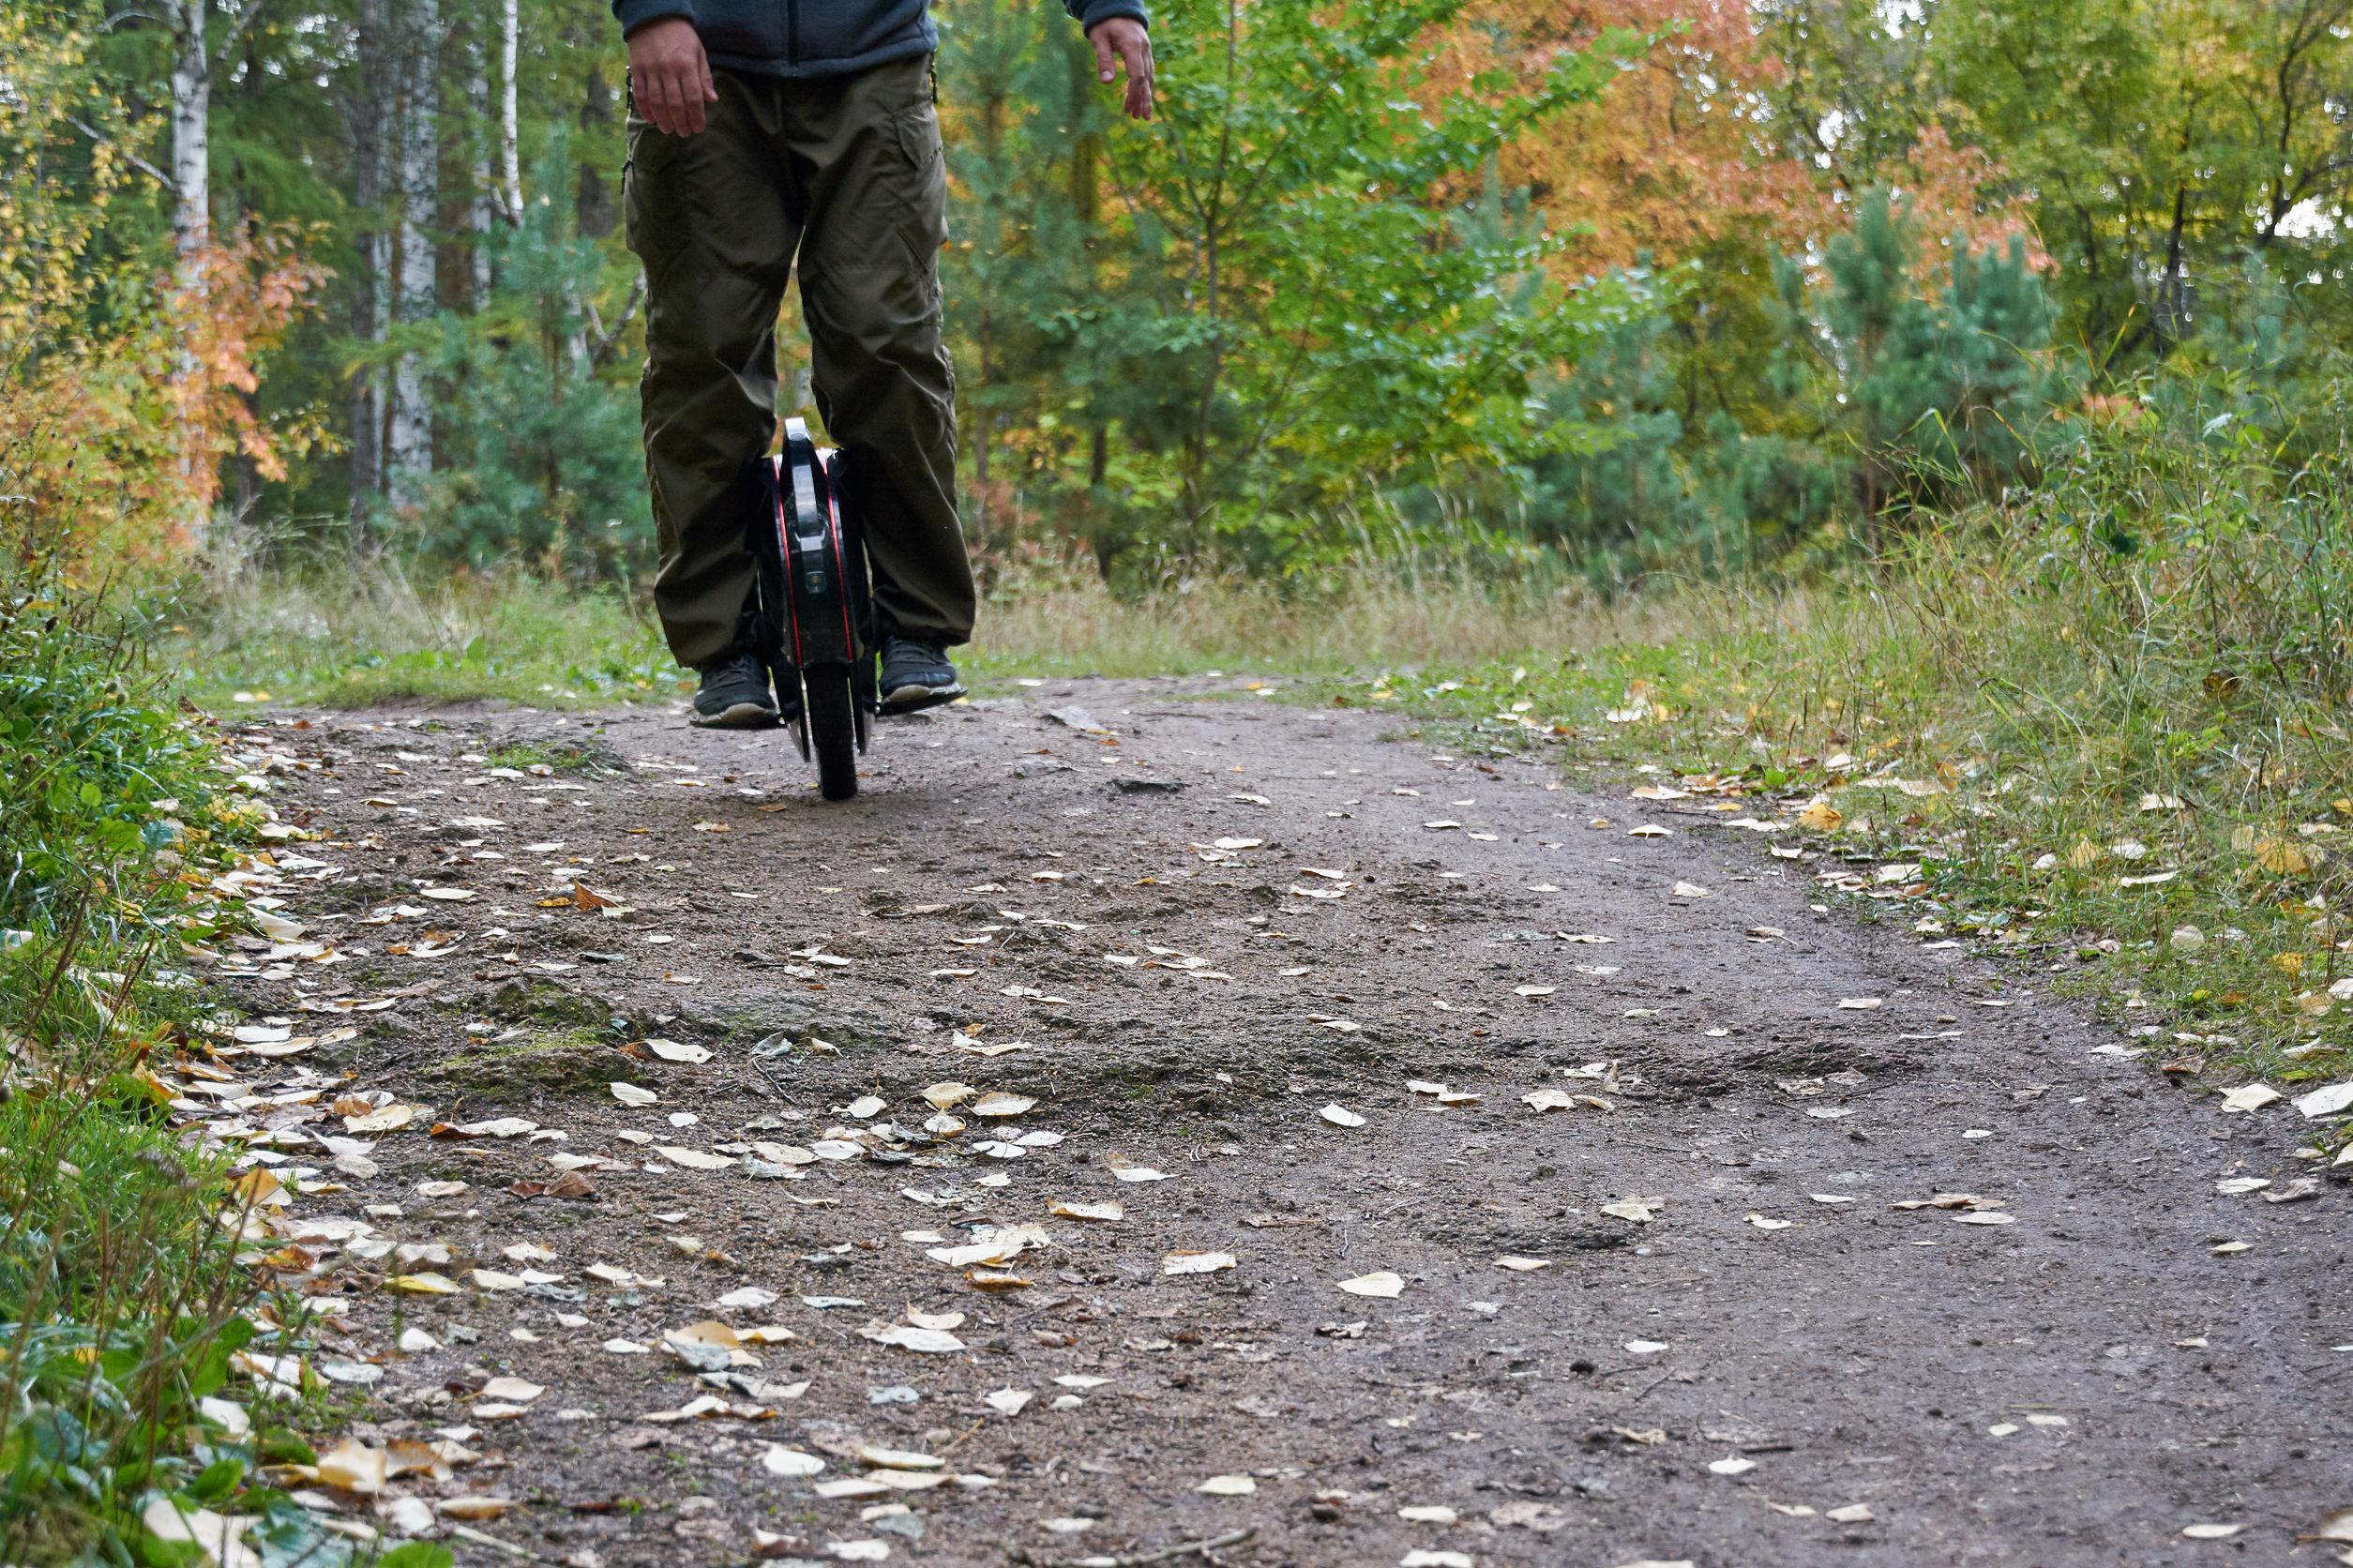 Un hombre montando monociclo en el bosque, monociclo eléctrico de cerca.